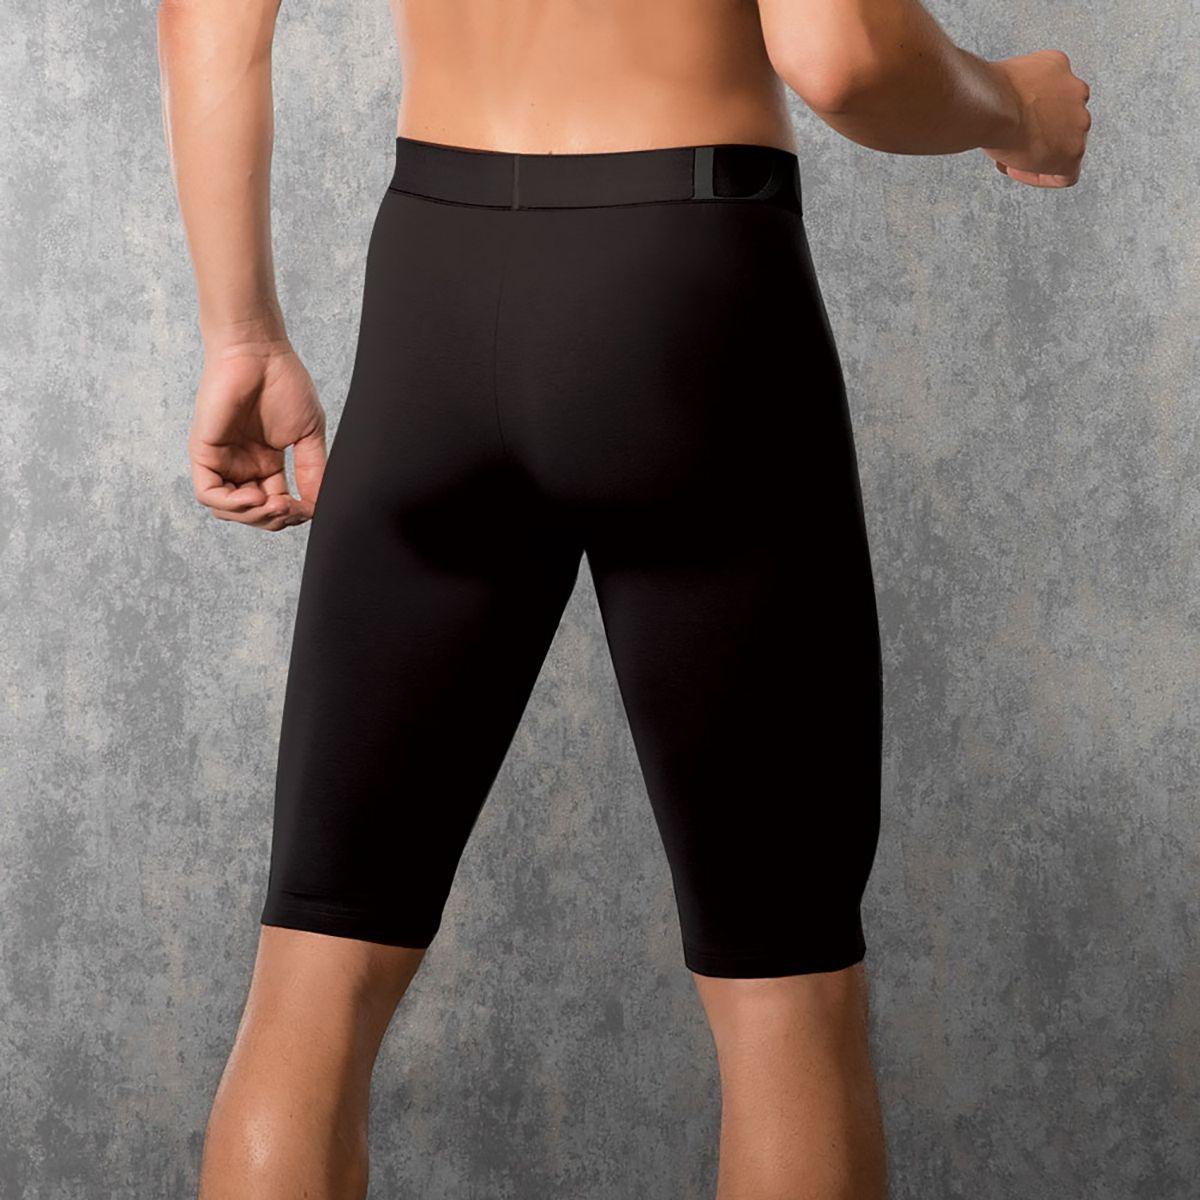 Дополнительное фото 1 товара Мужские трусы-боксеры длиной до колена